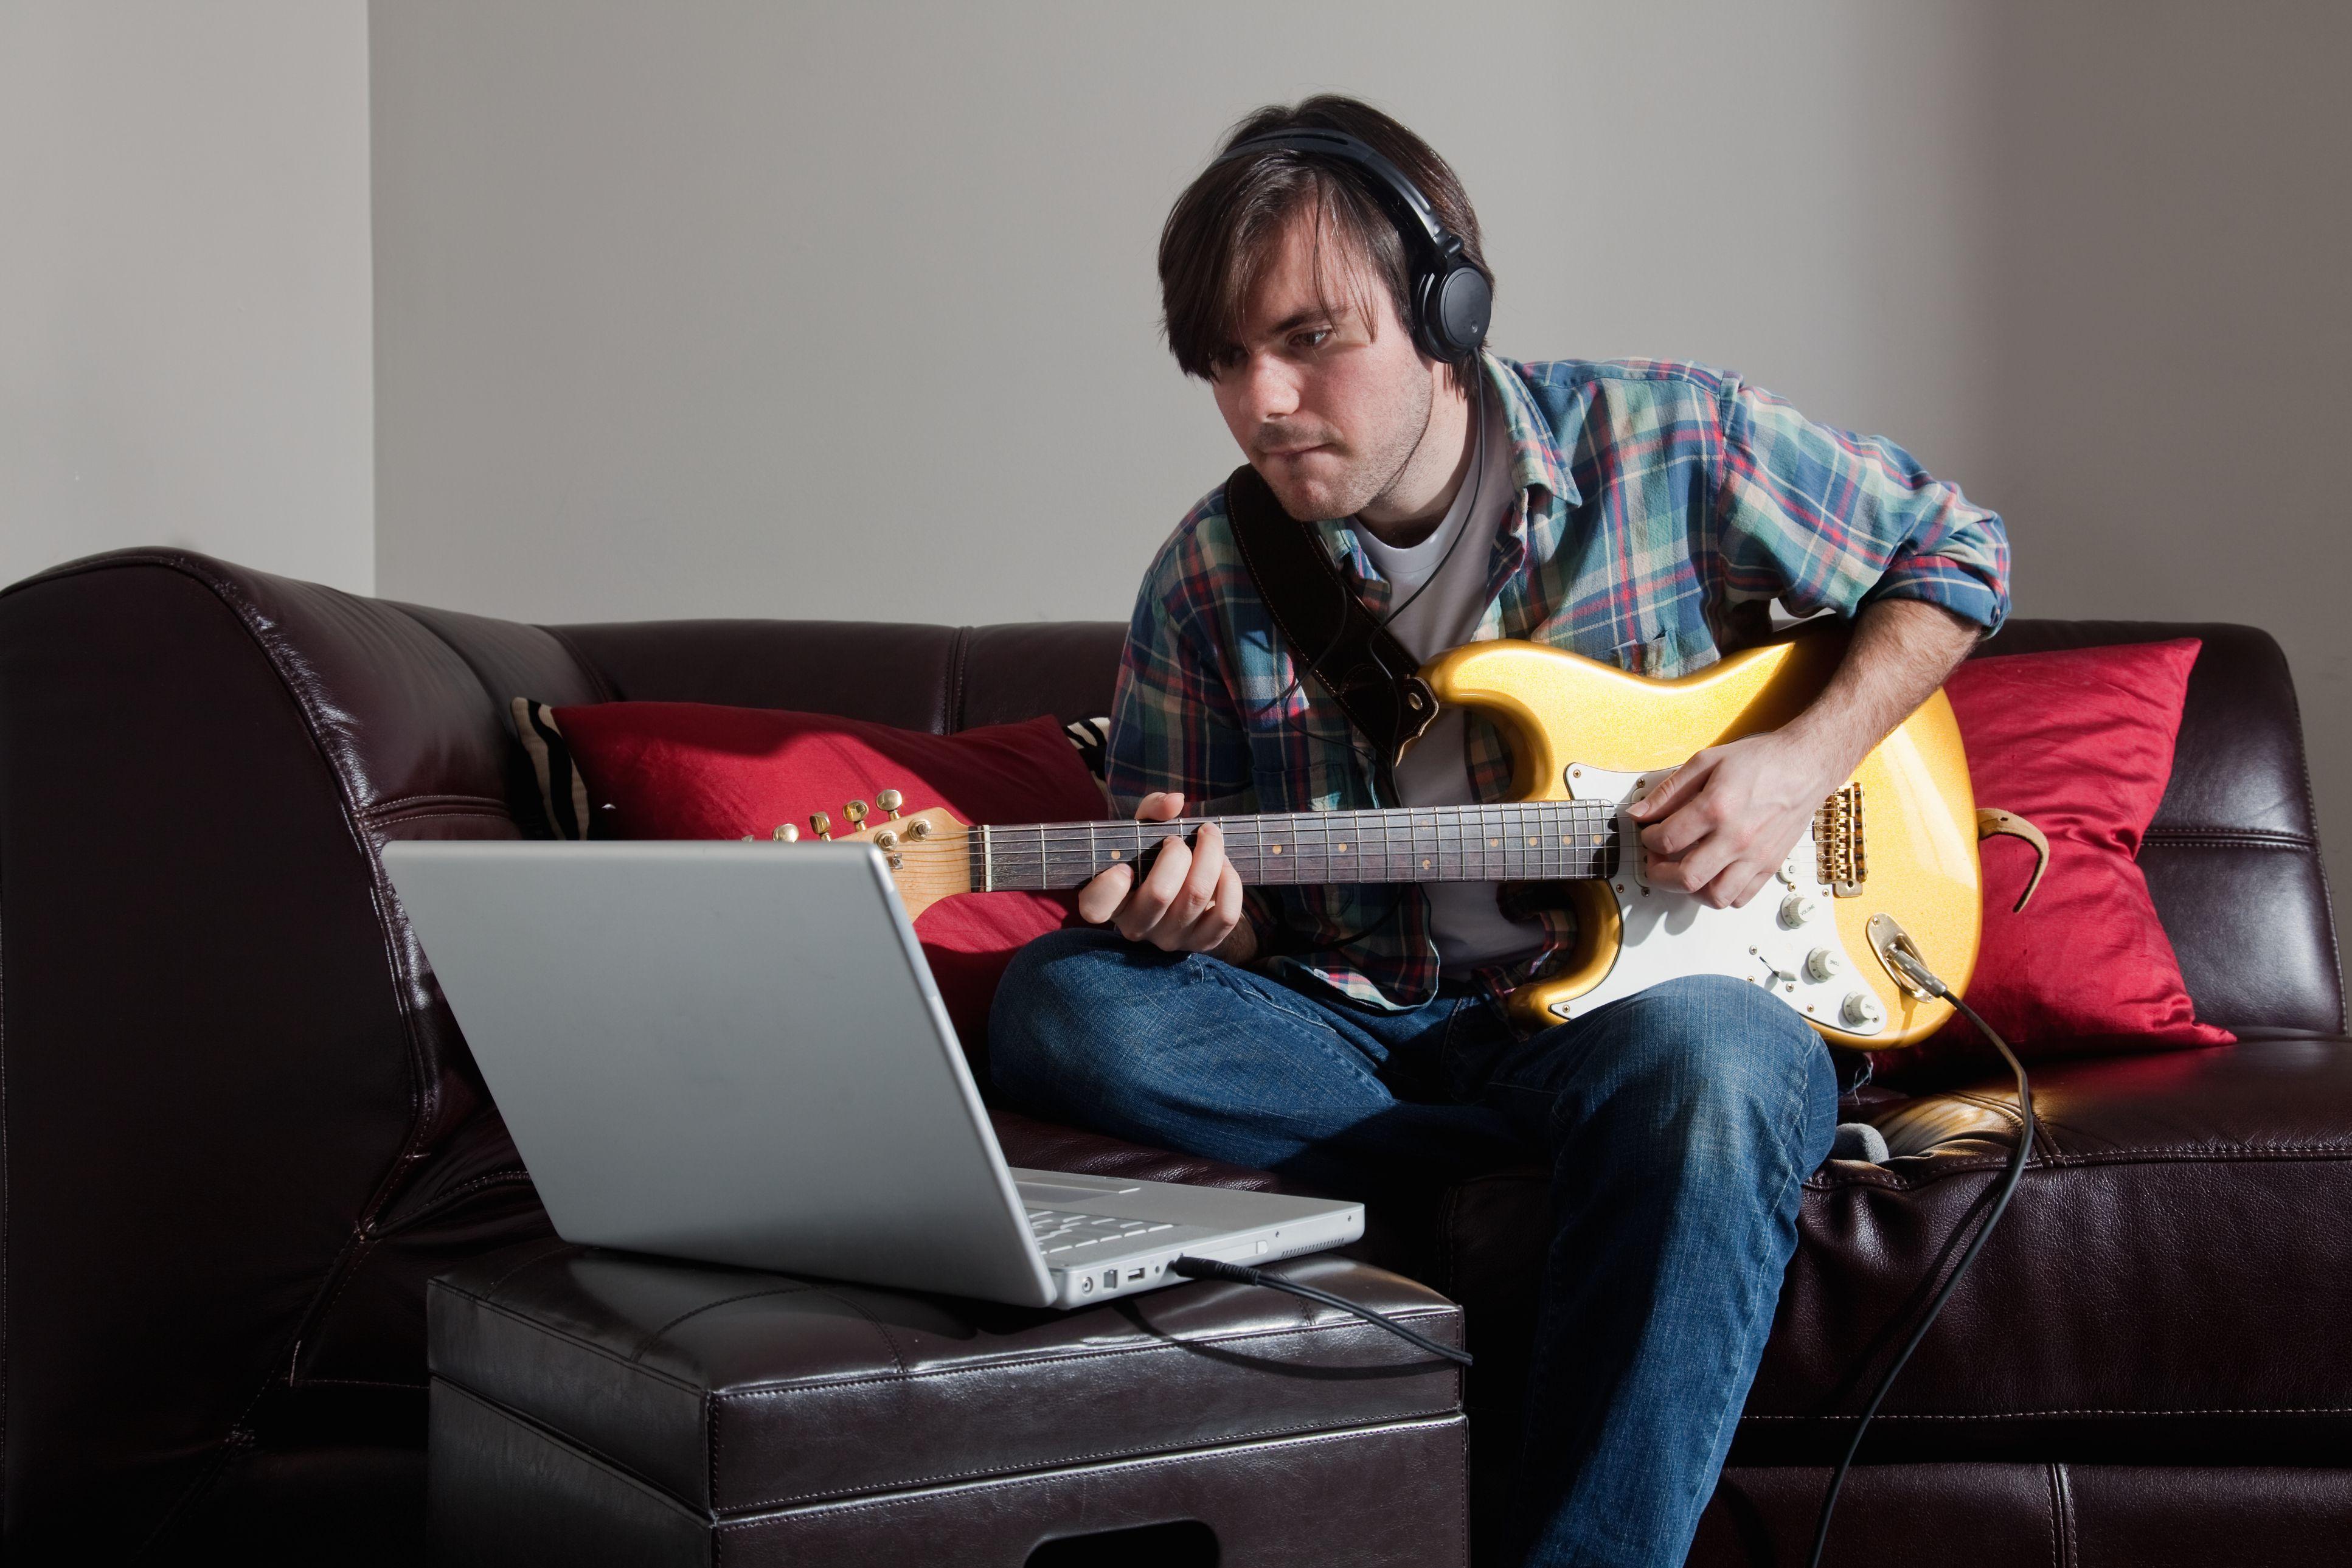 Man playing guitar wile looking at laptop